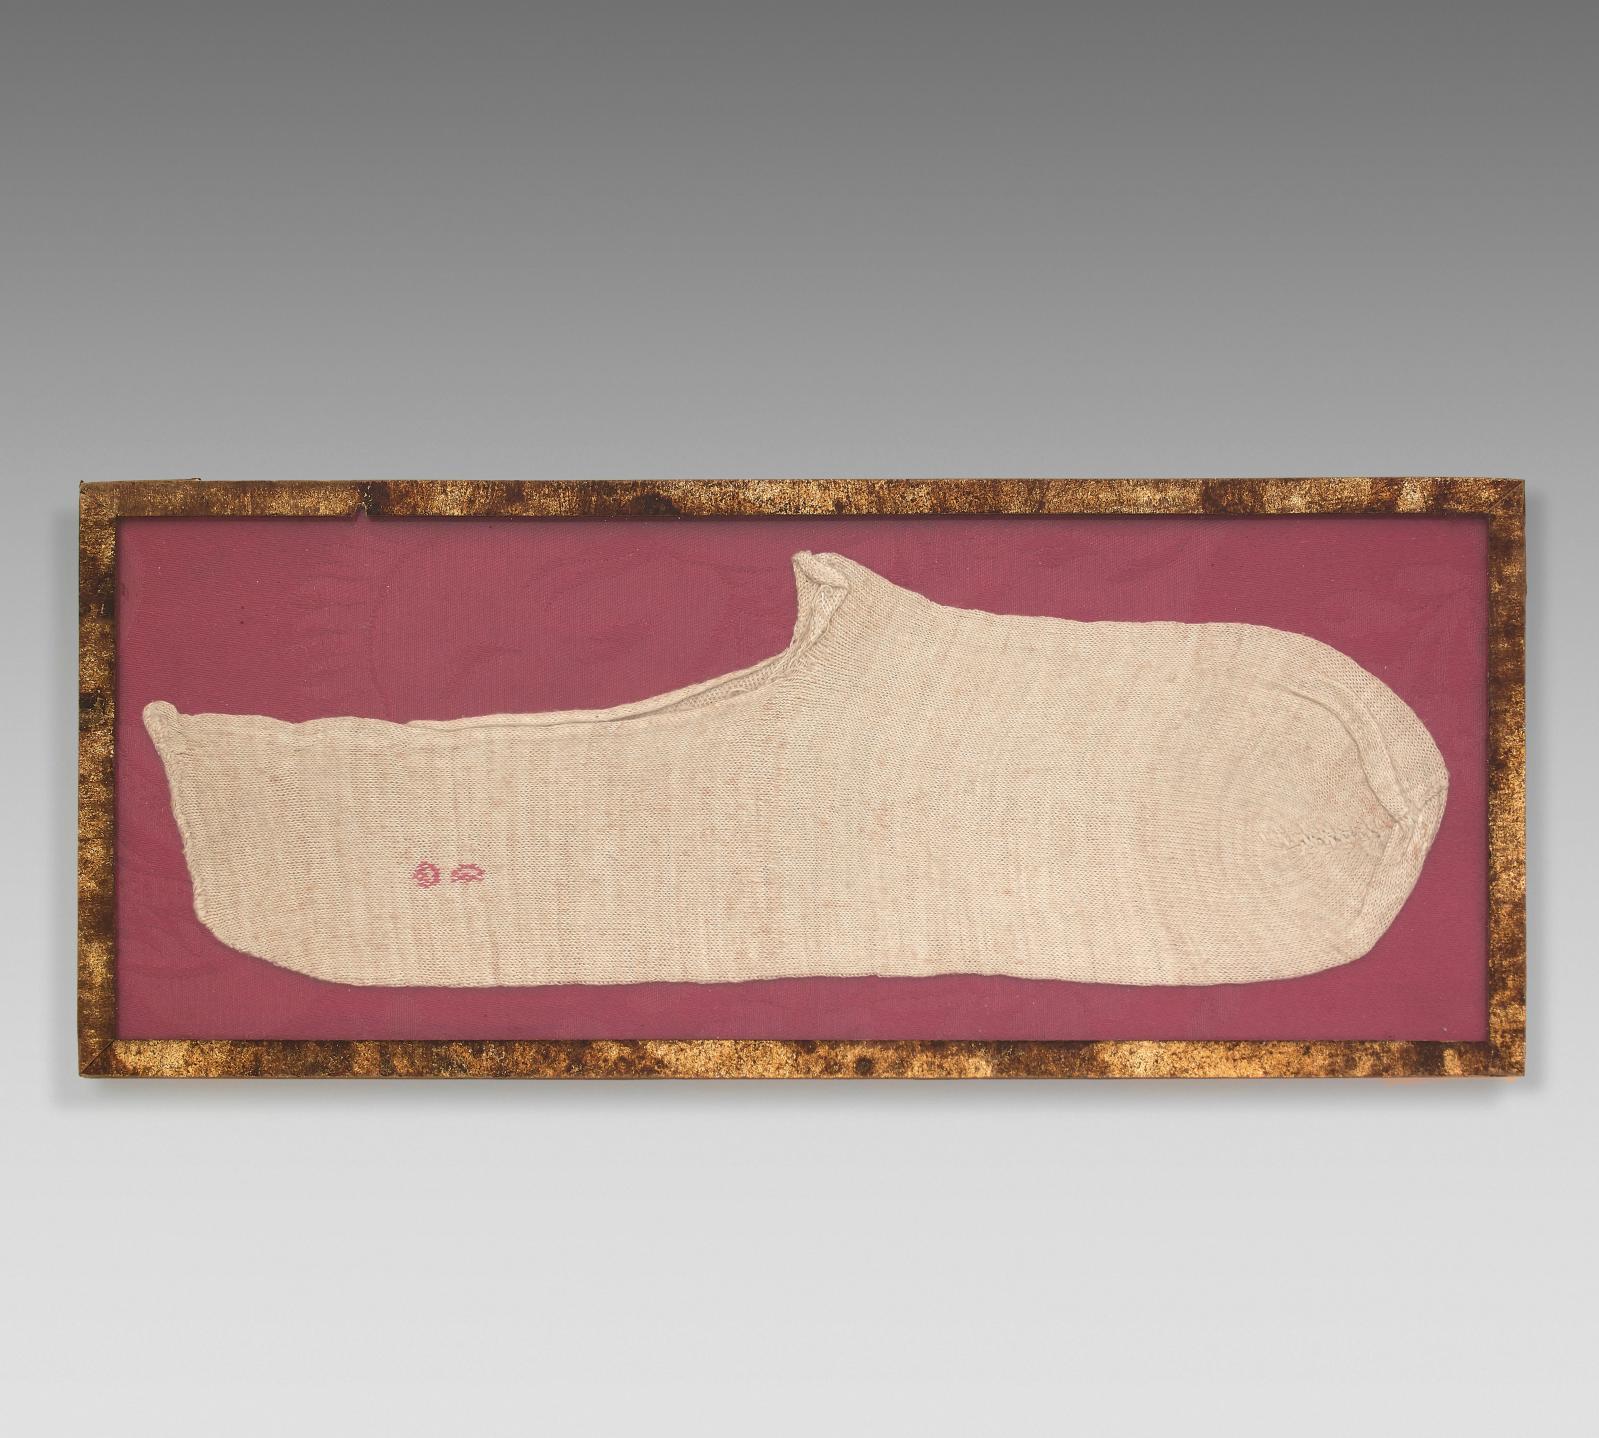 Voici encore un document émouvant: le chausson, tricoté en fil de soie écru et brodé au fil rouge de l'initiale «D», porté par le dernier fils de Lou